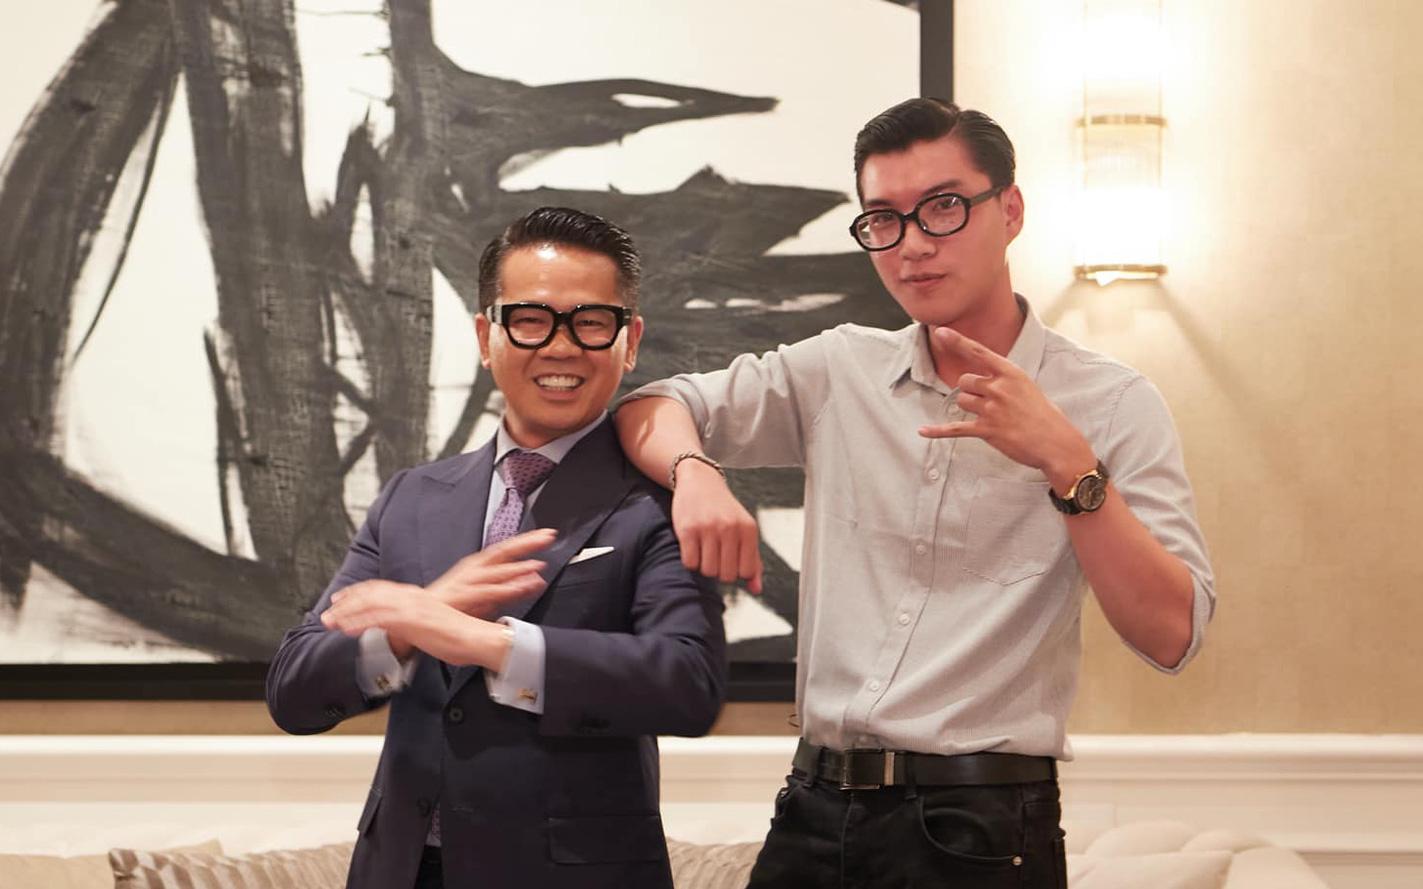 HIEUTHUHAI đưa NTK Quách Thái Công vào bài rap khiến chính chủ thích thú đến mức mời quay hẳn Vlog - kết quả xổ số đà nẵng